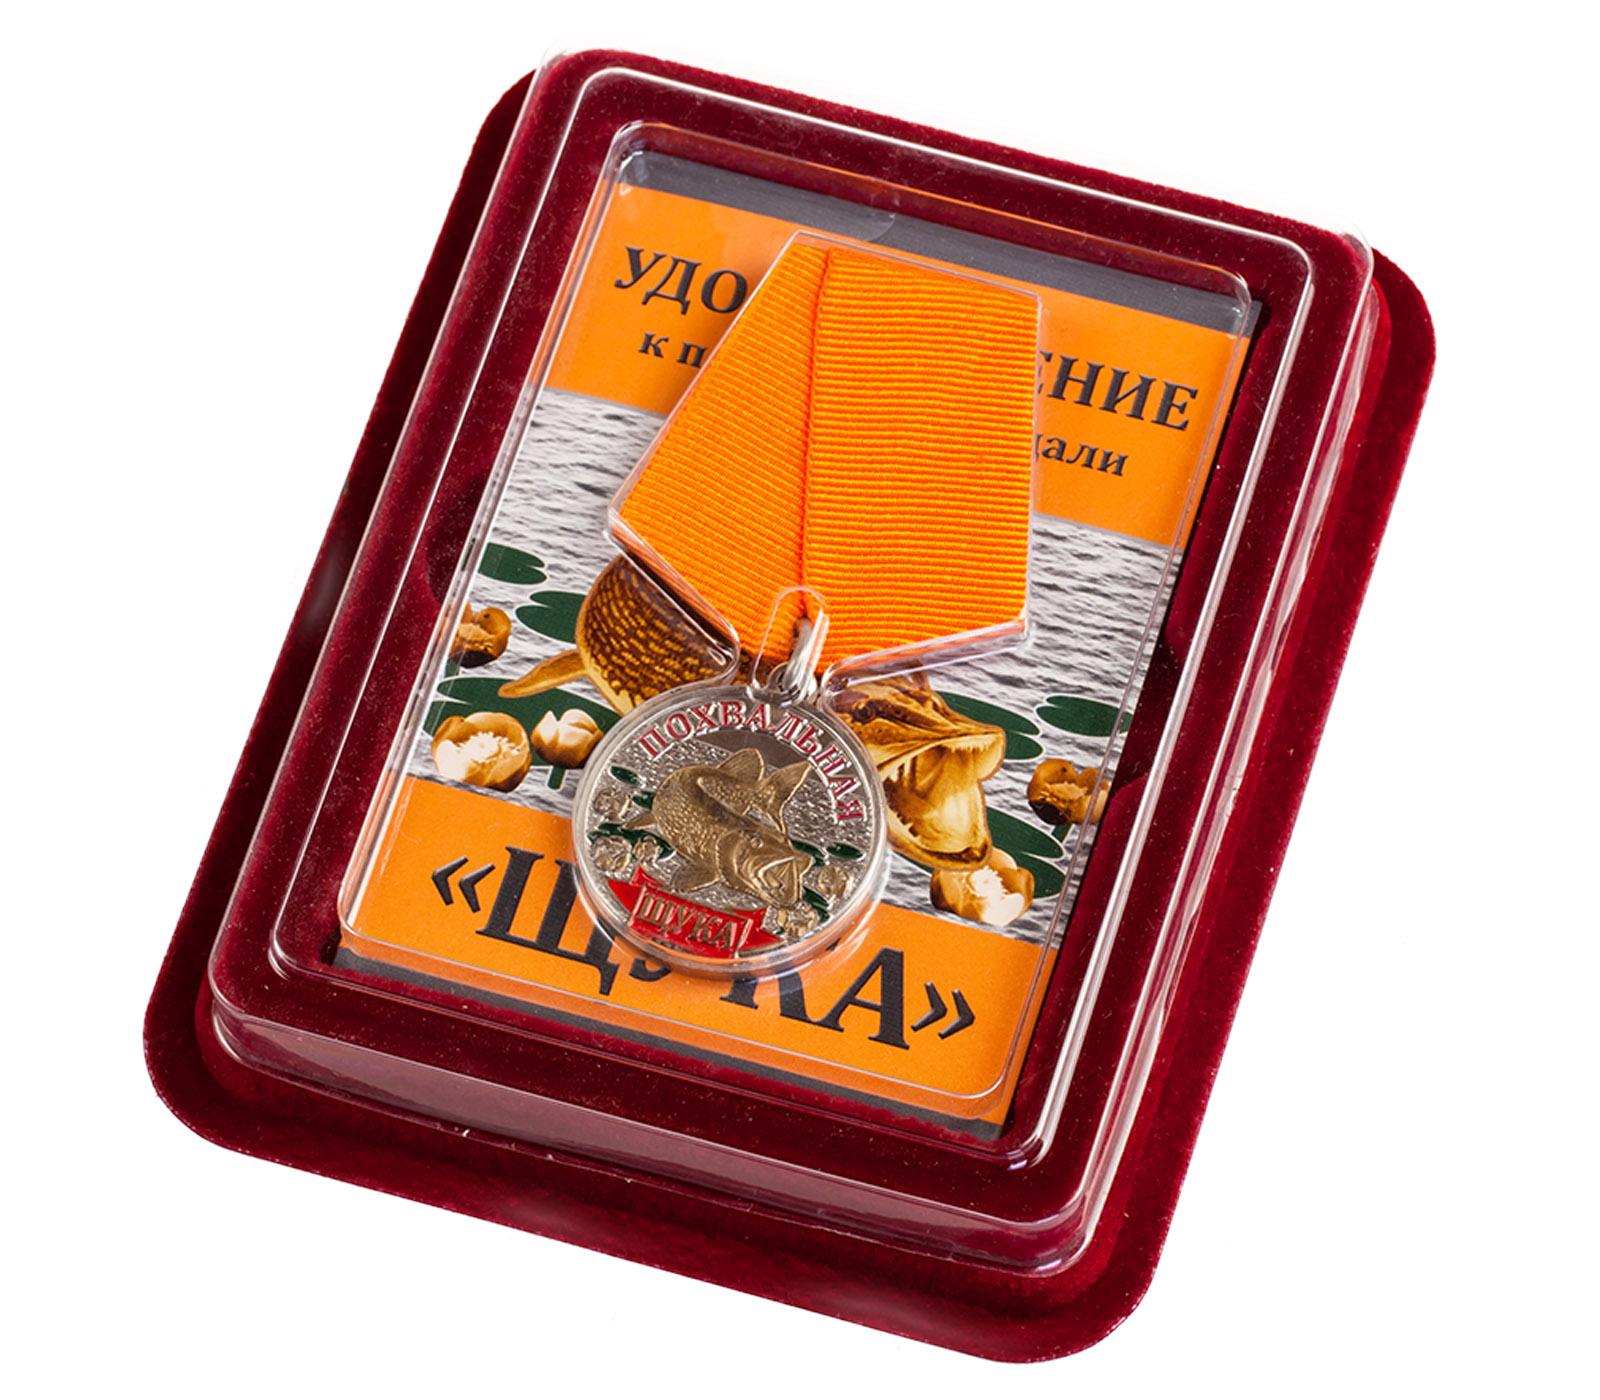 """Похвальная медаль рыбака """"Щука"""" в футляре из флока с пластиковой крышкой"""